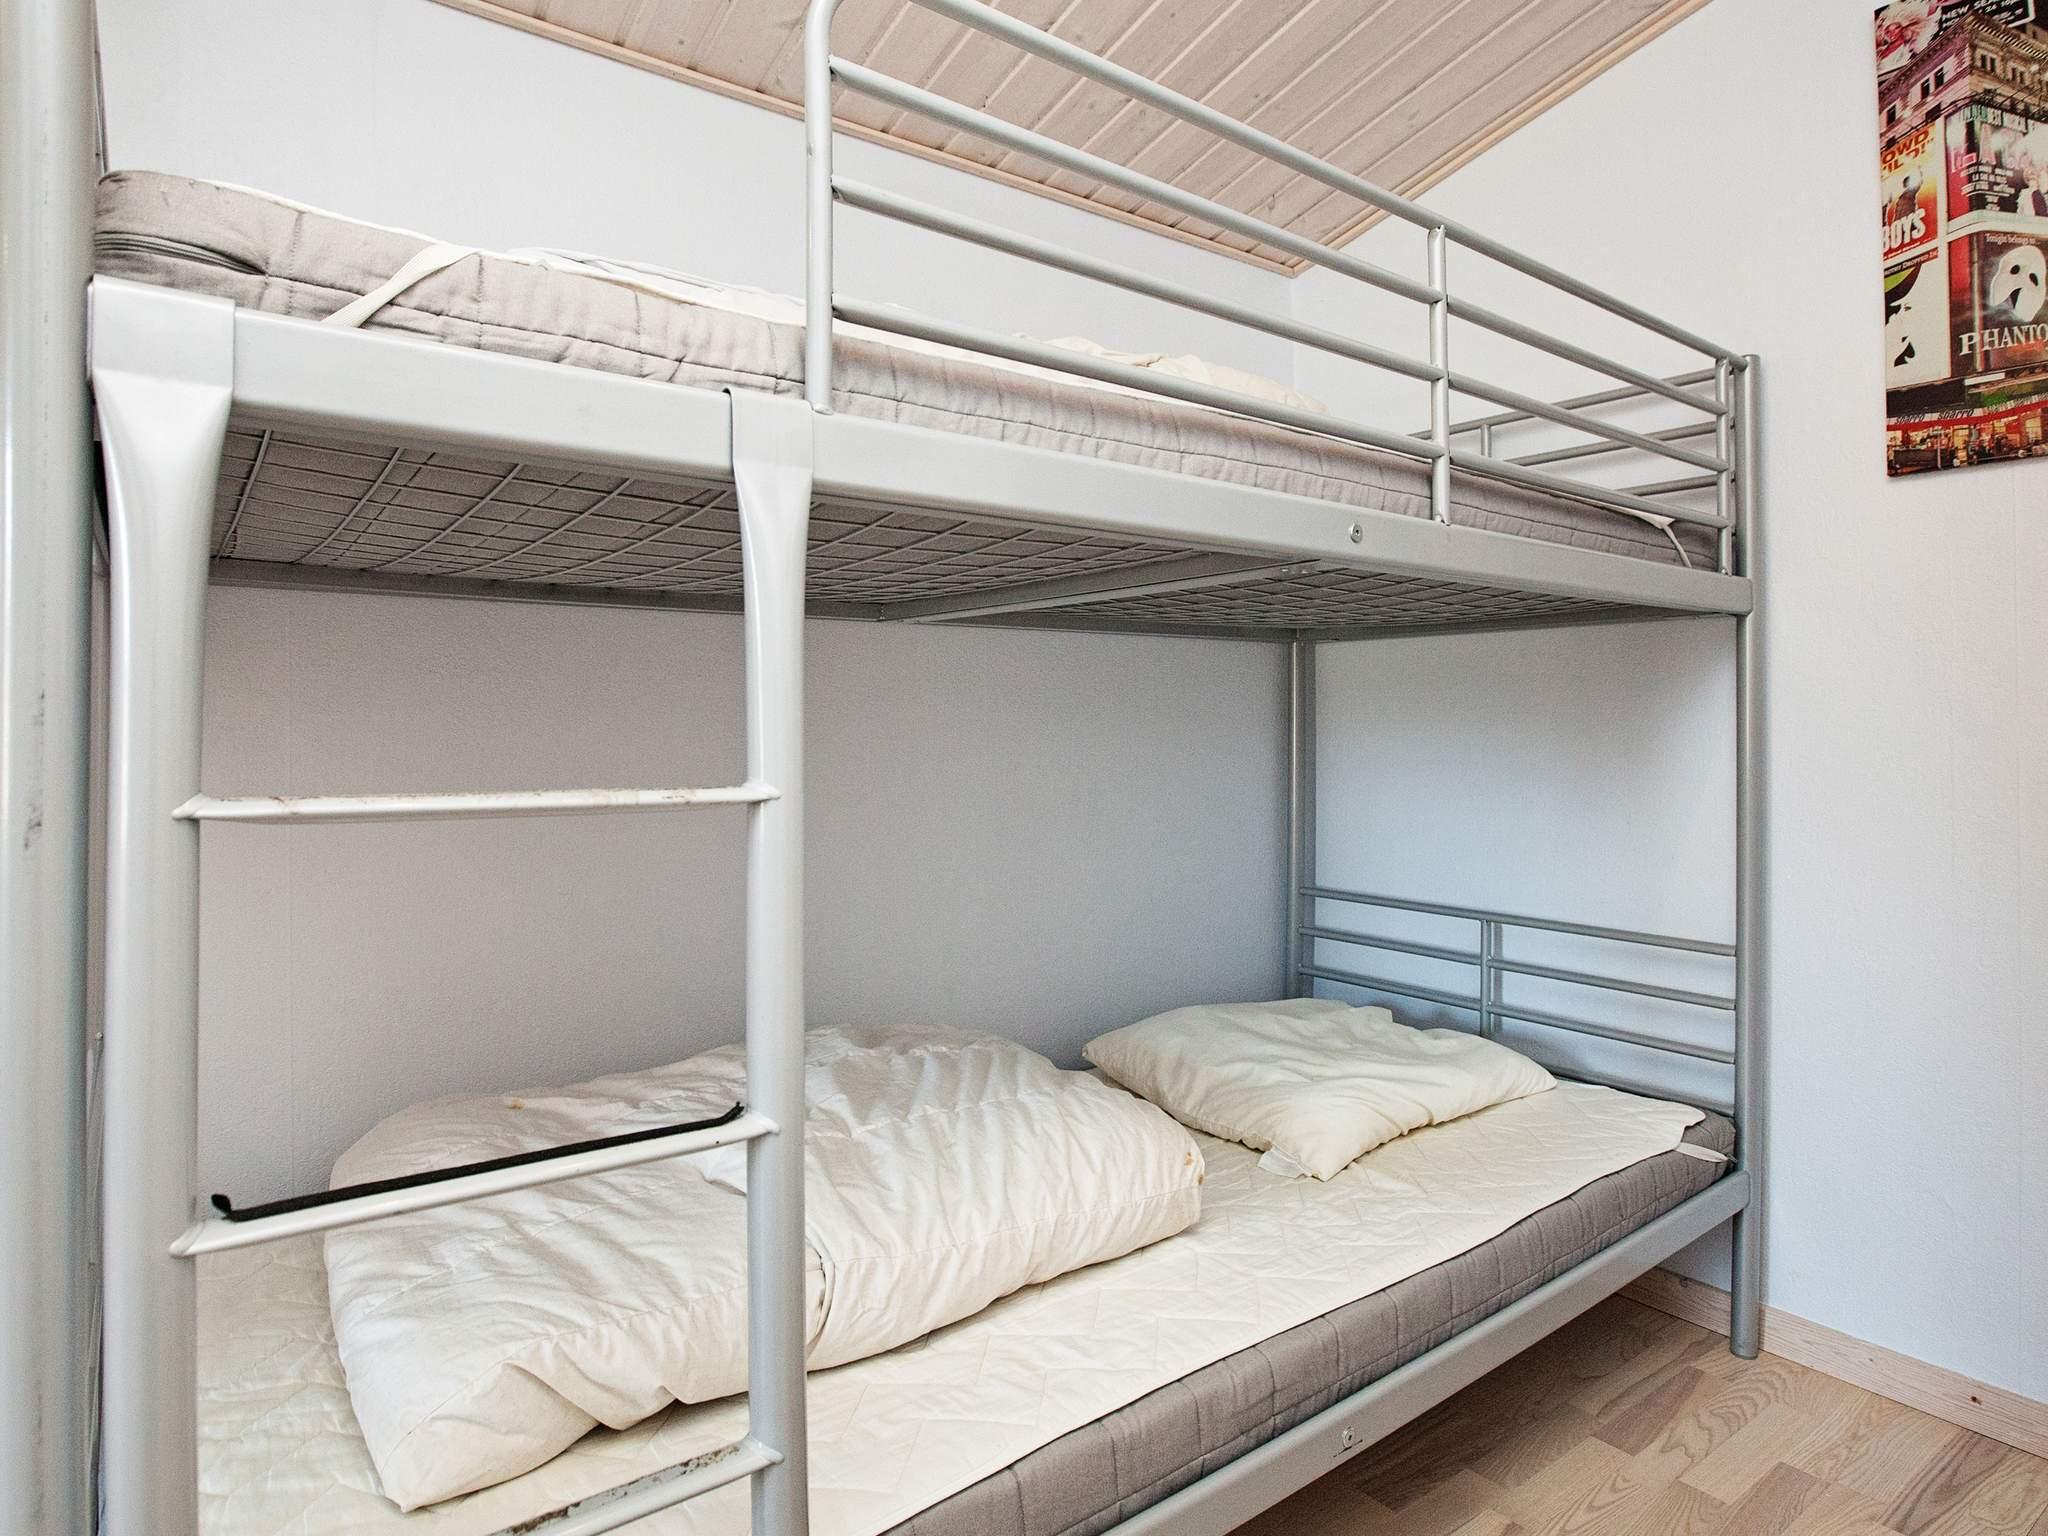 Ferienhaus Udsholt Strand (1029012), Gilleleje, , Nordseeland, Dänemark, Bild 11